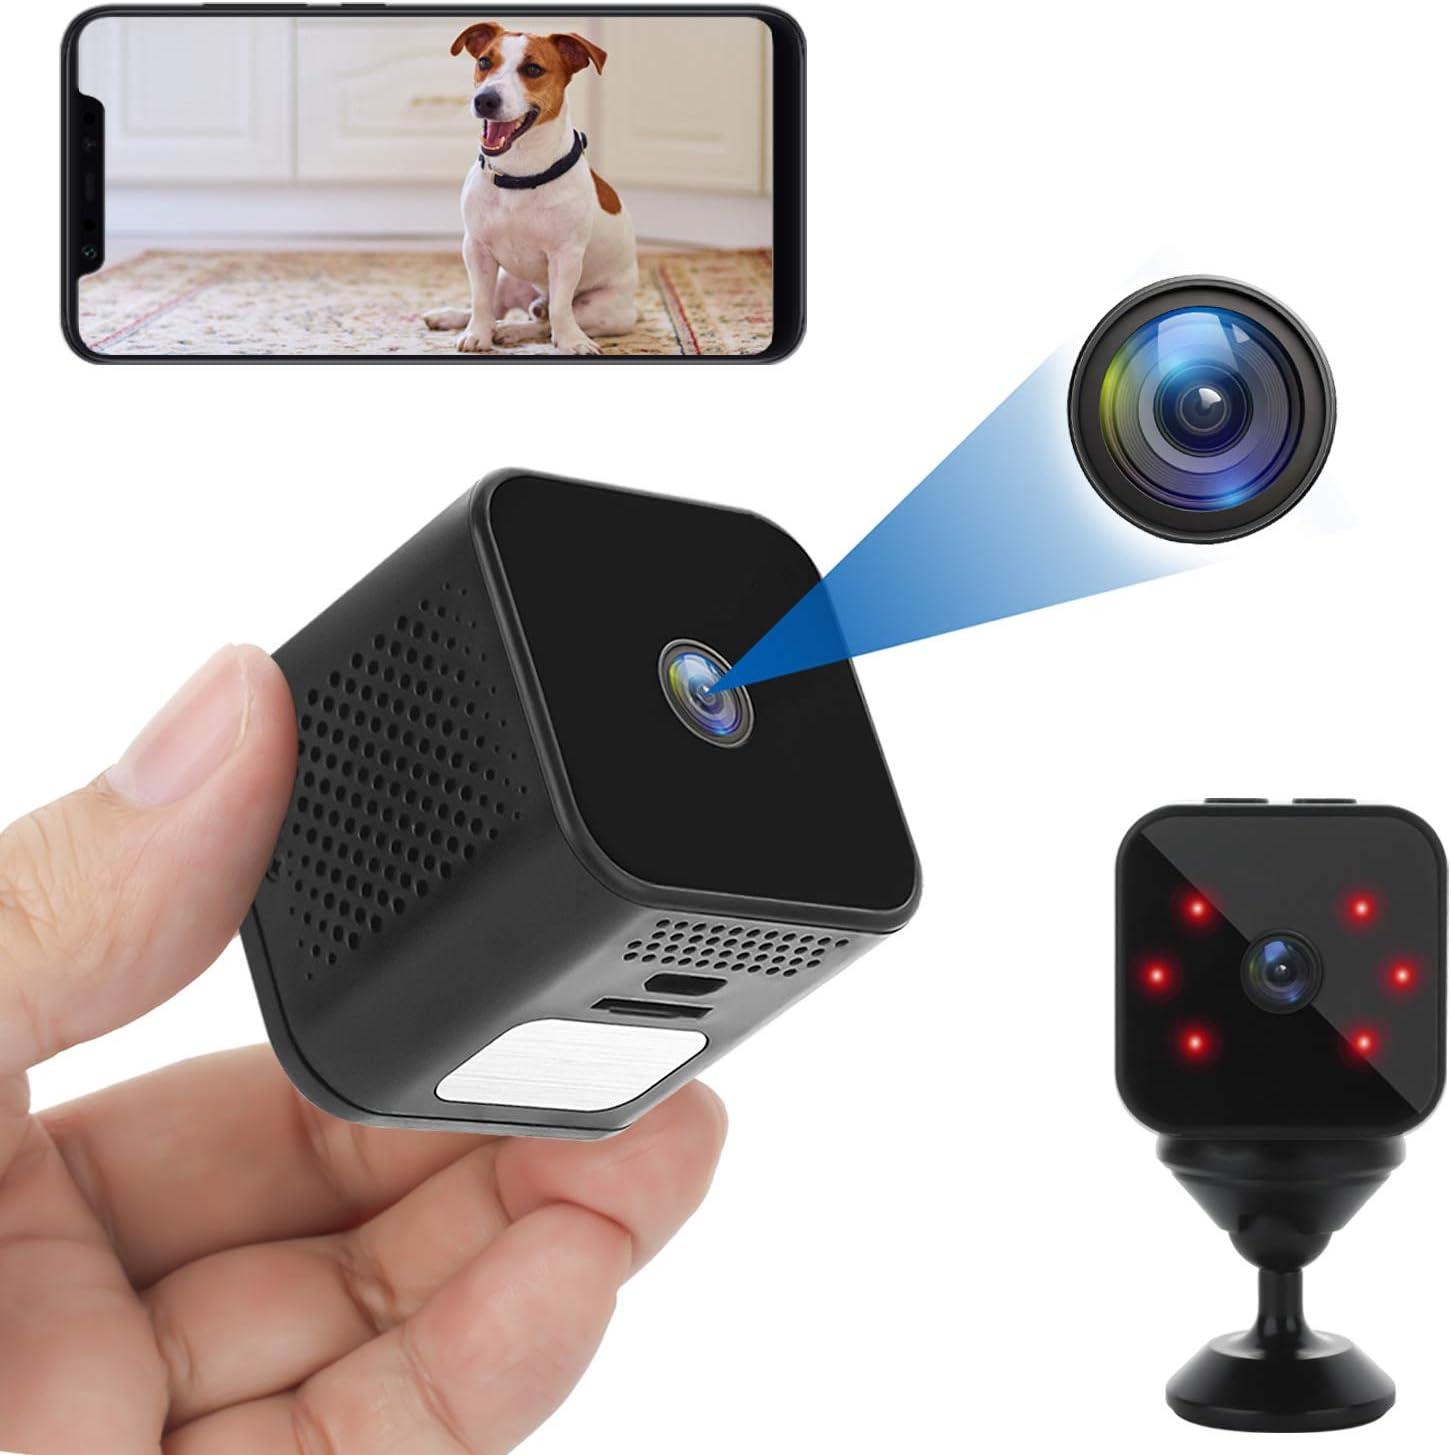 Mini Camara Espia Oculta Videocámara 1080P HD WiFi Cámara Vigilancia Portátil Secreta Compacta con Detección de Movimiento y IR Visión Nocturna Nanny Camara de Seguridad Pequeña para Interior/Exterior